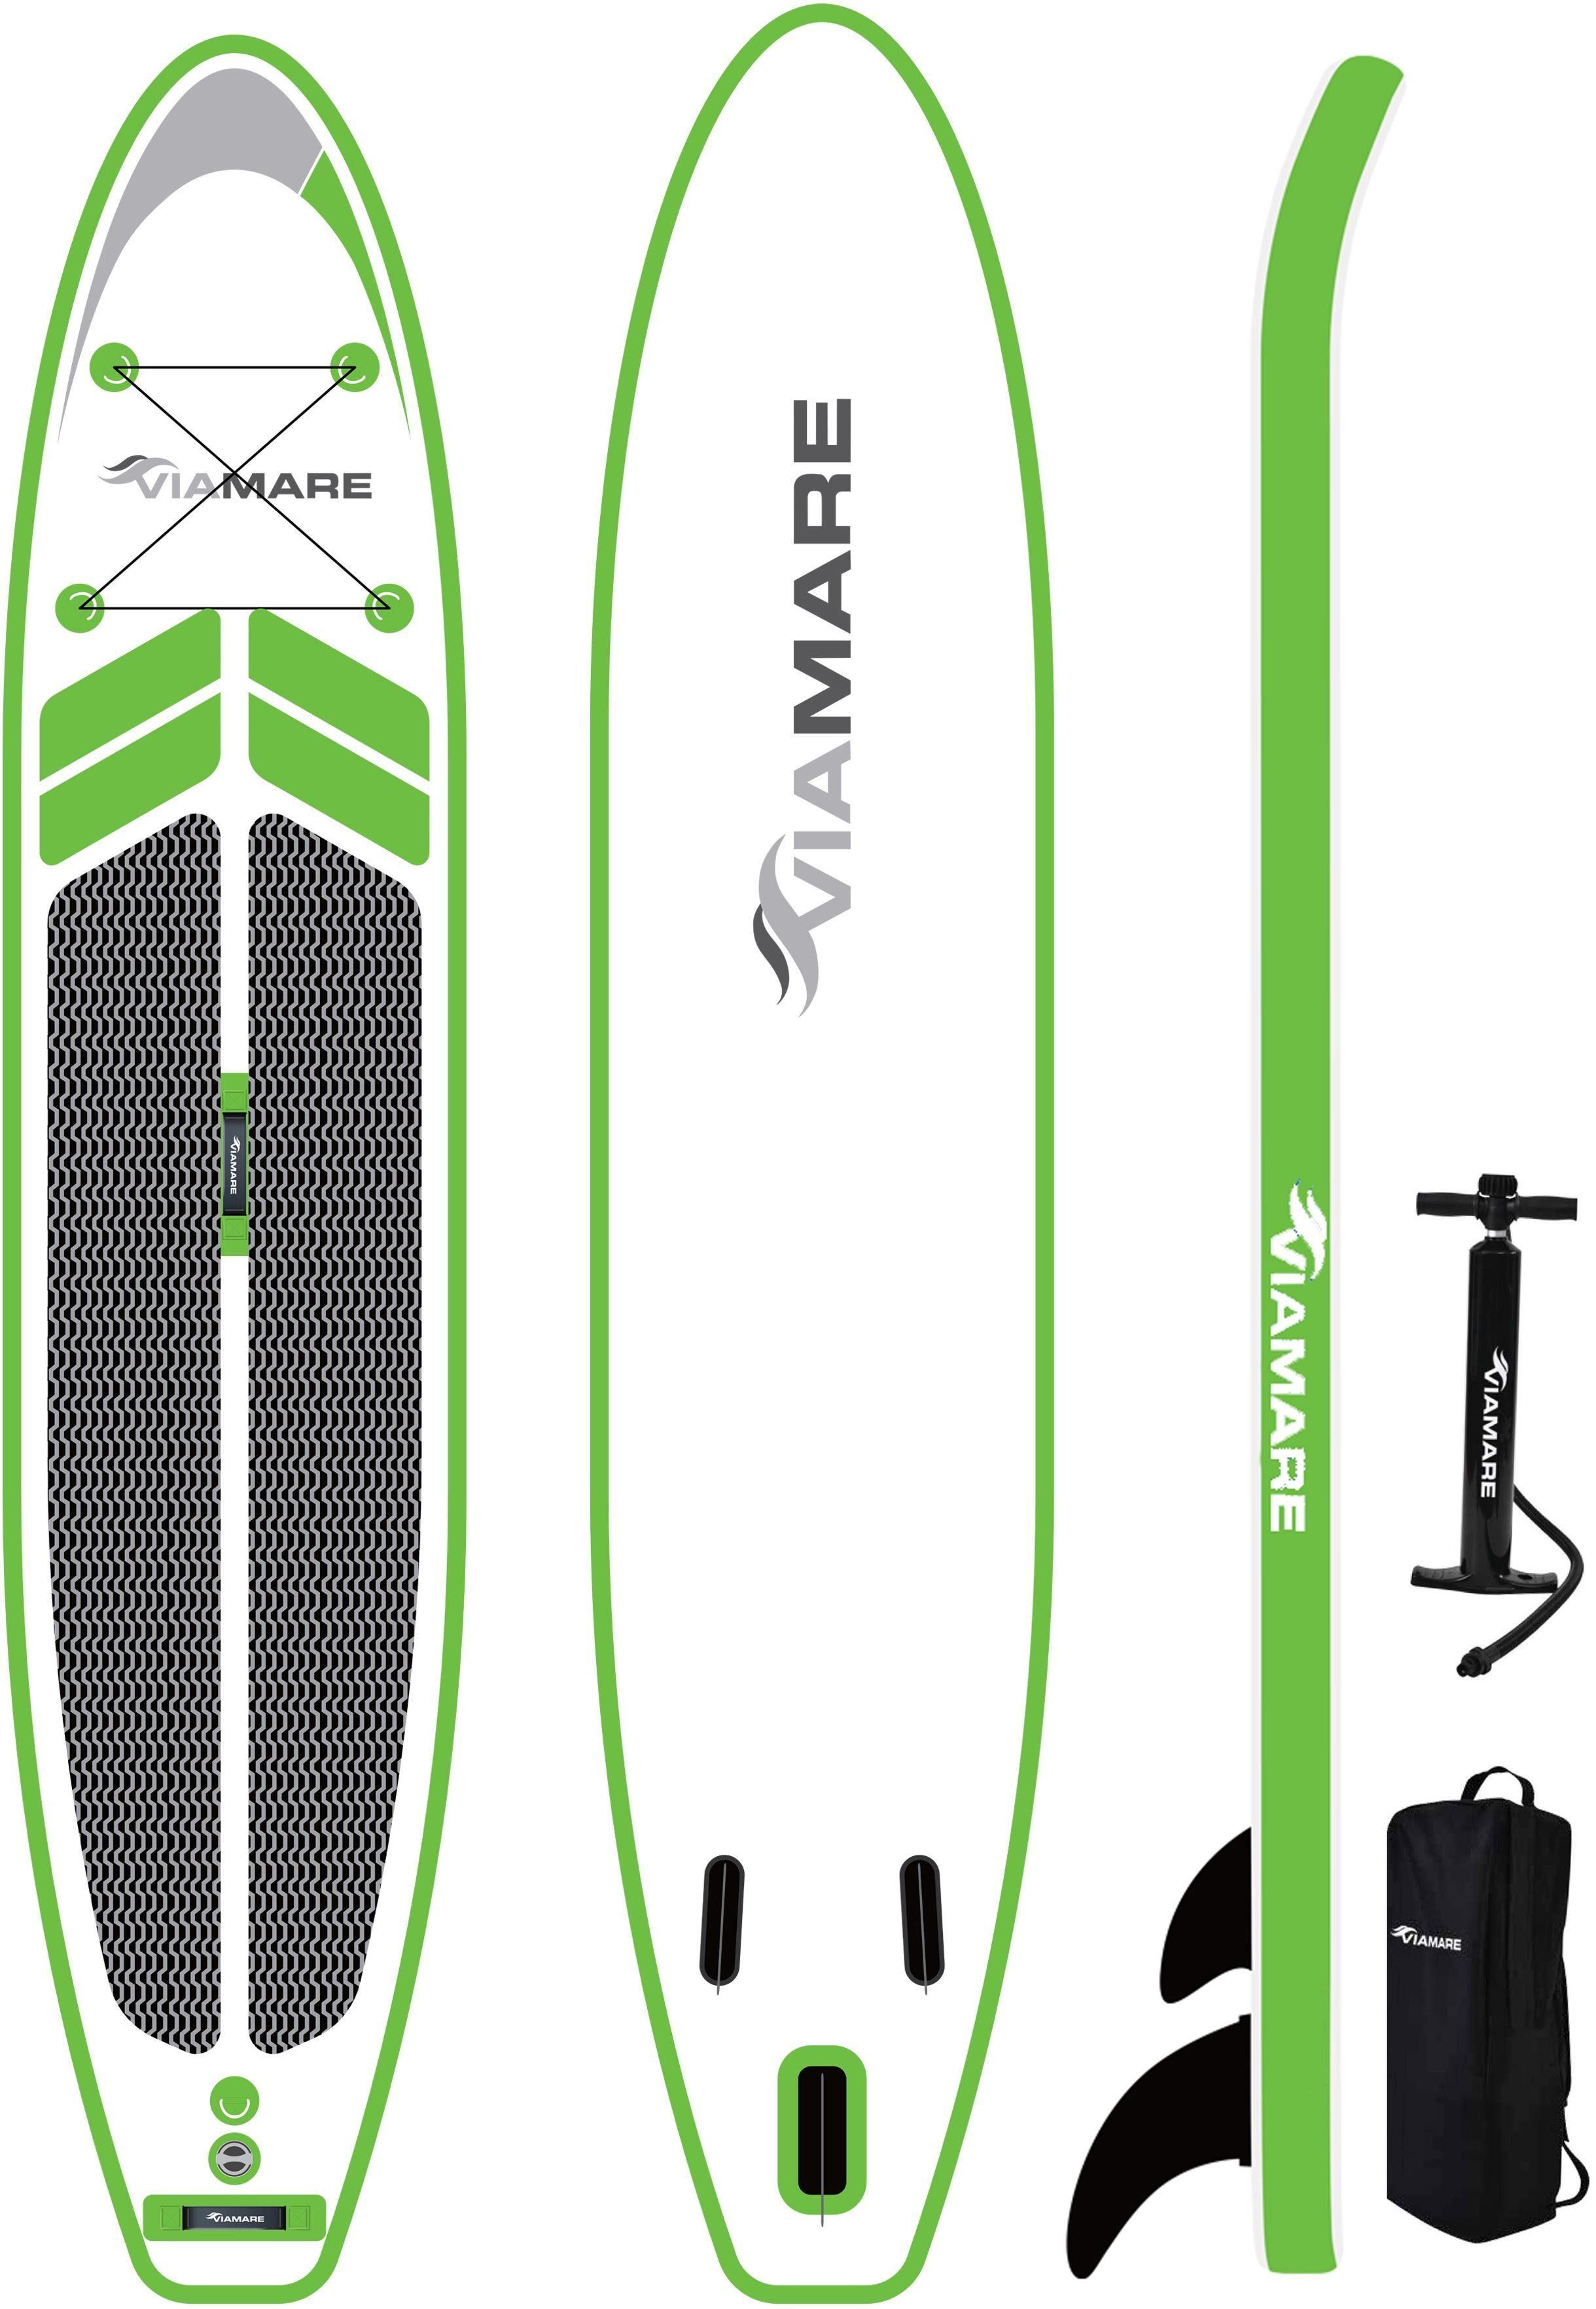 Weitere Wassersportarten VIAMARE 365cm SUP-Board günstig kaufen Wellenreiten-Boards